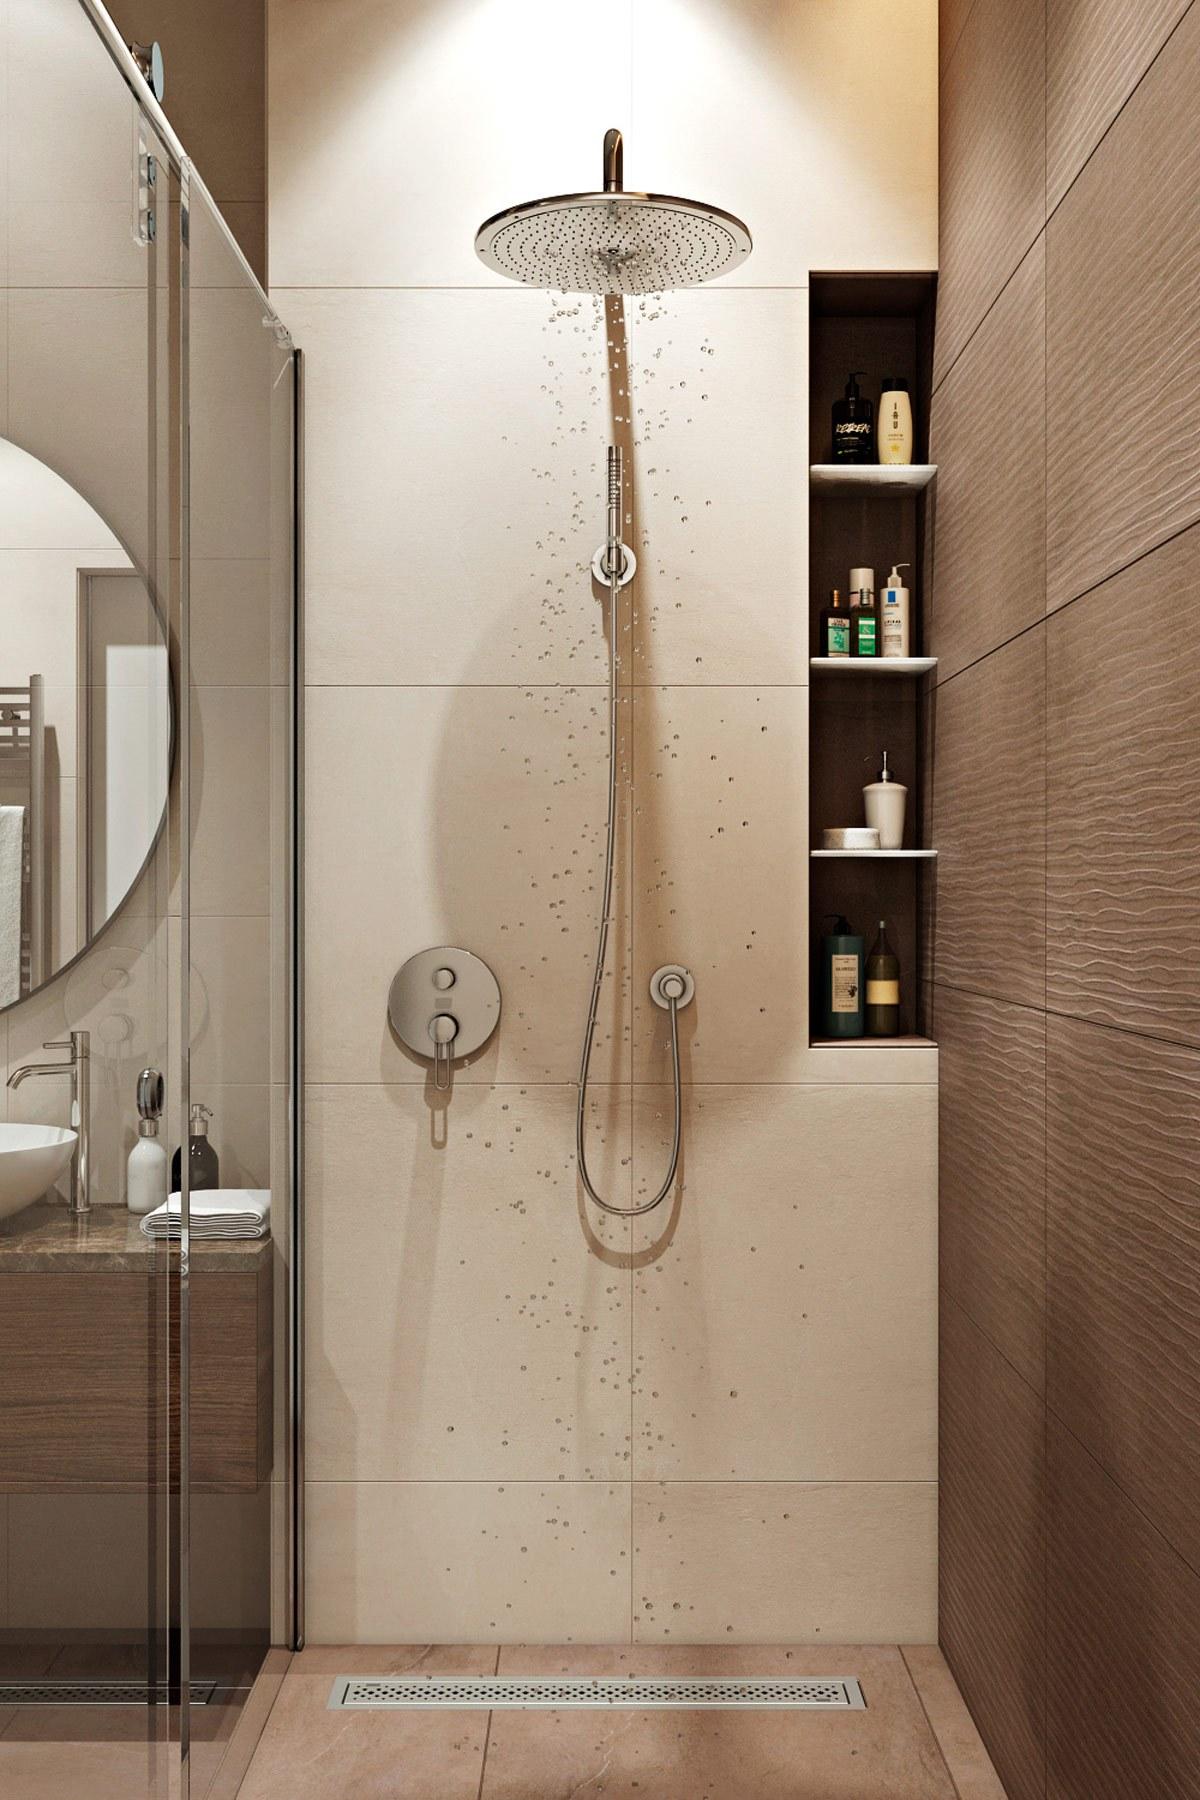 thiết kế nội thất vòi sen đứng chung cư hiện đại